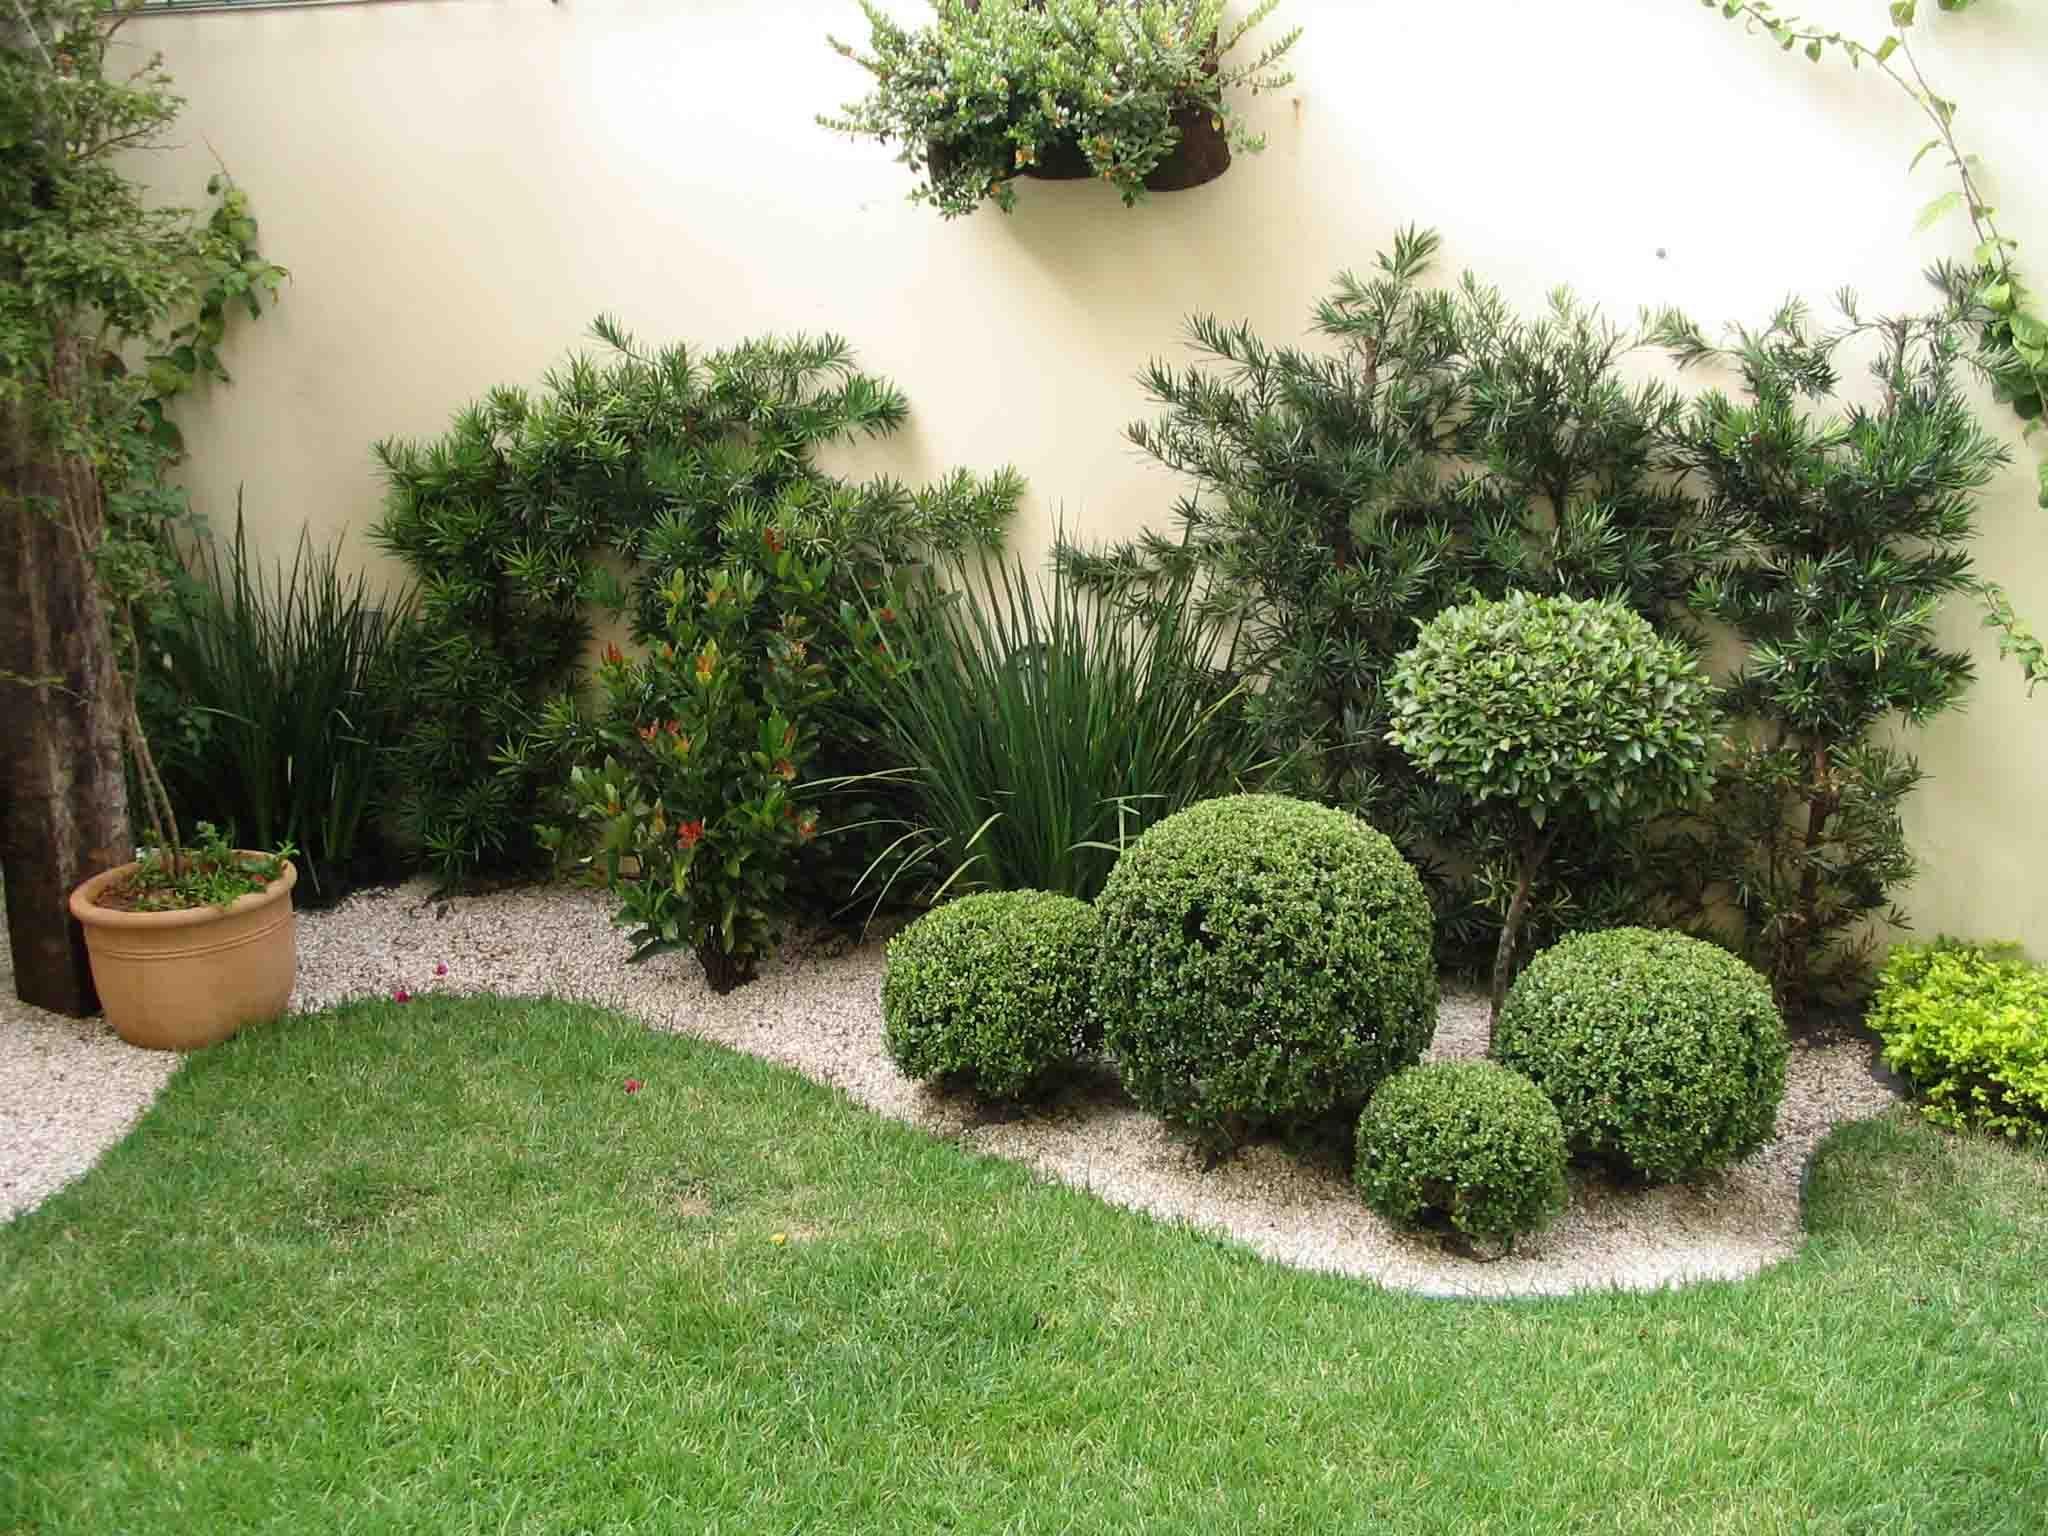 Jardins Italianos podem ser a inspiração para sua casa